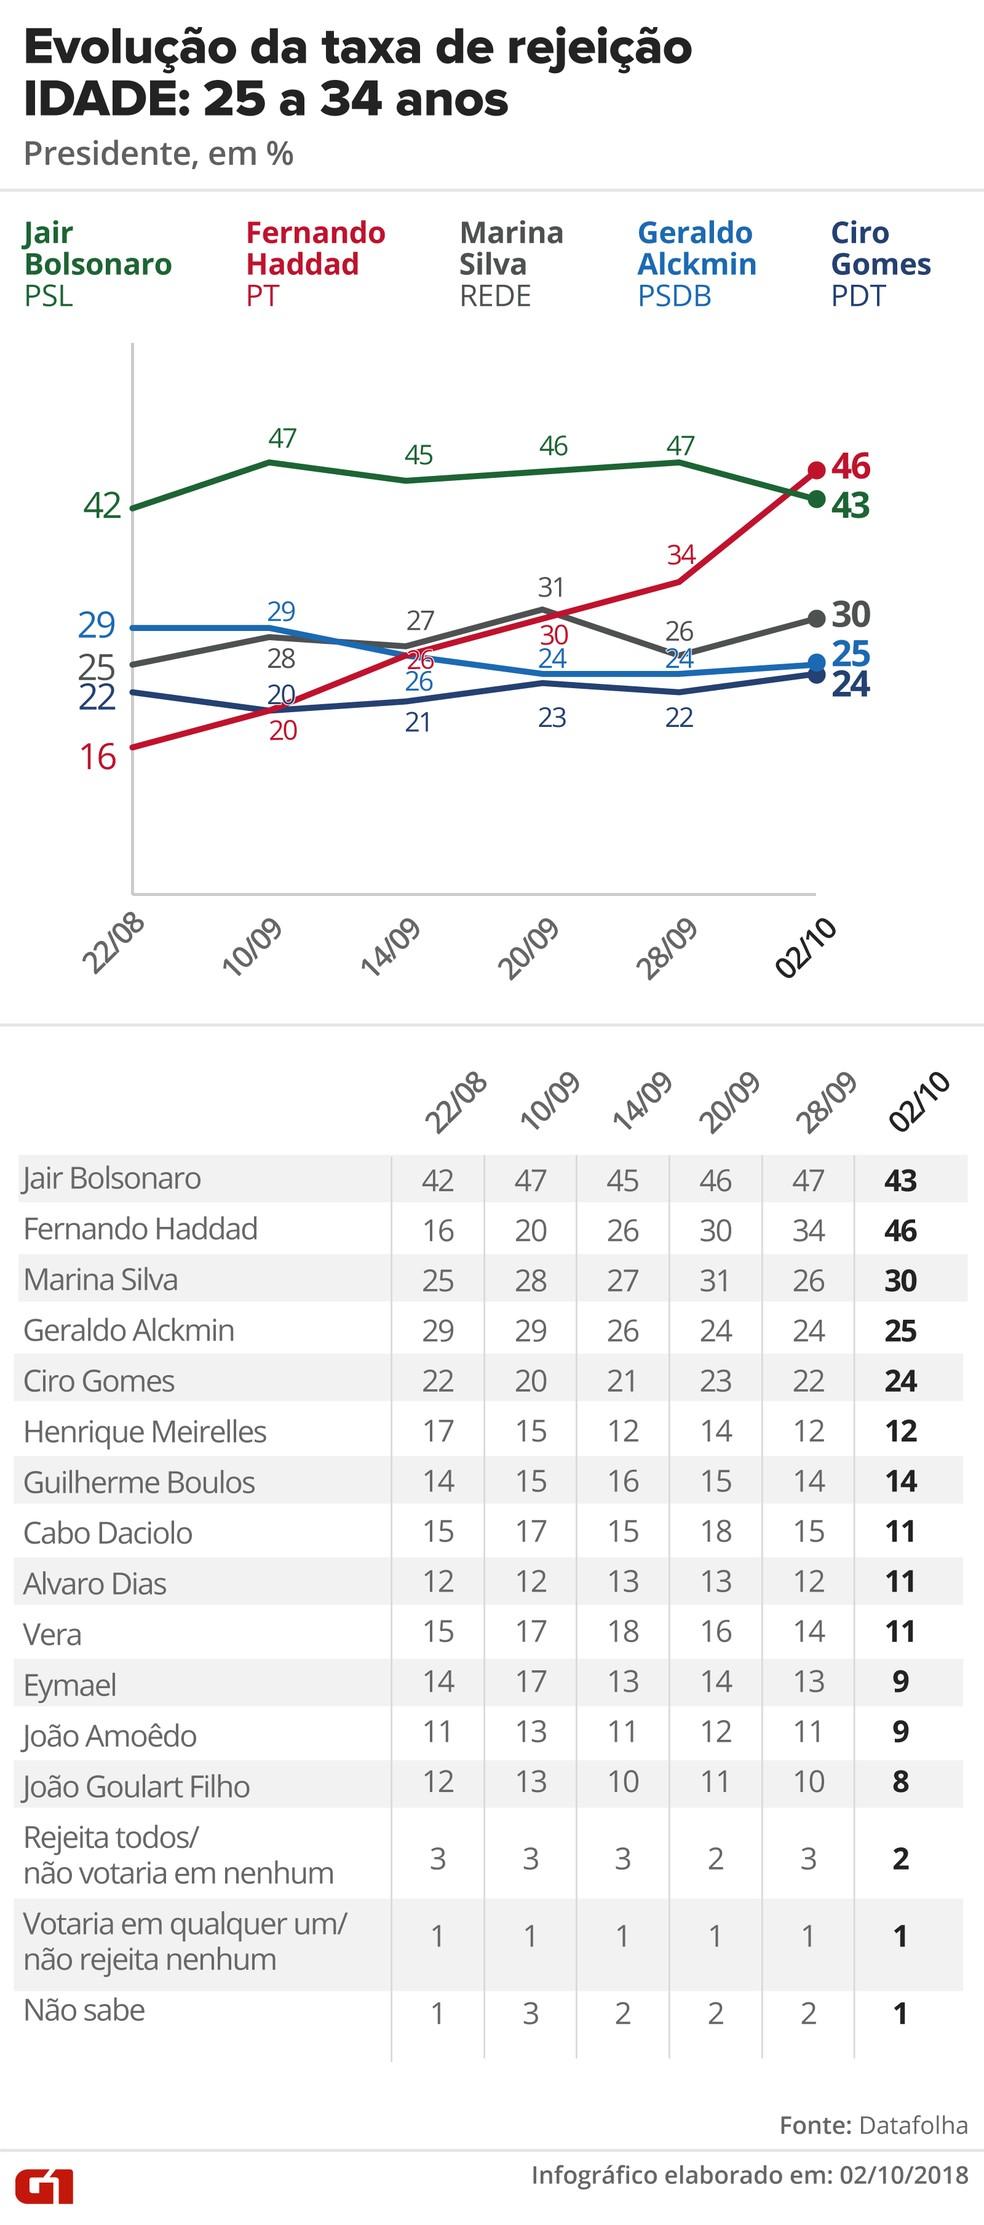 Pesquisa Datafolha, 2/10 para presidente - Rejeição - Idade: 25 a 34 anos — Foto: G1 Arte